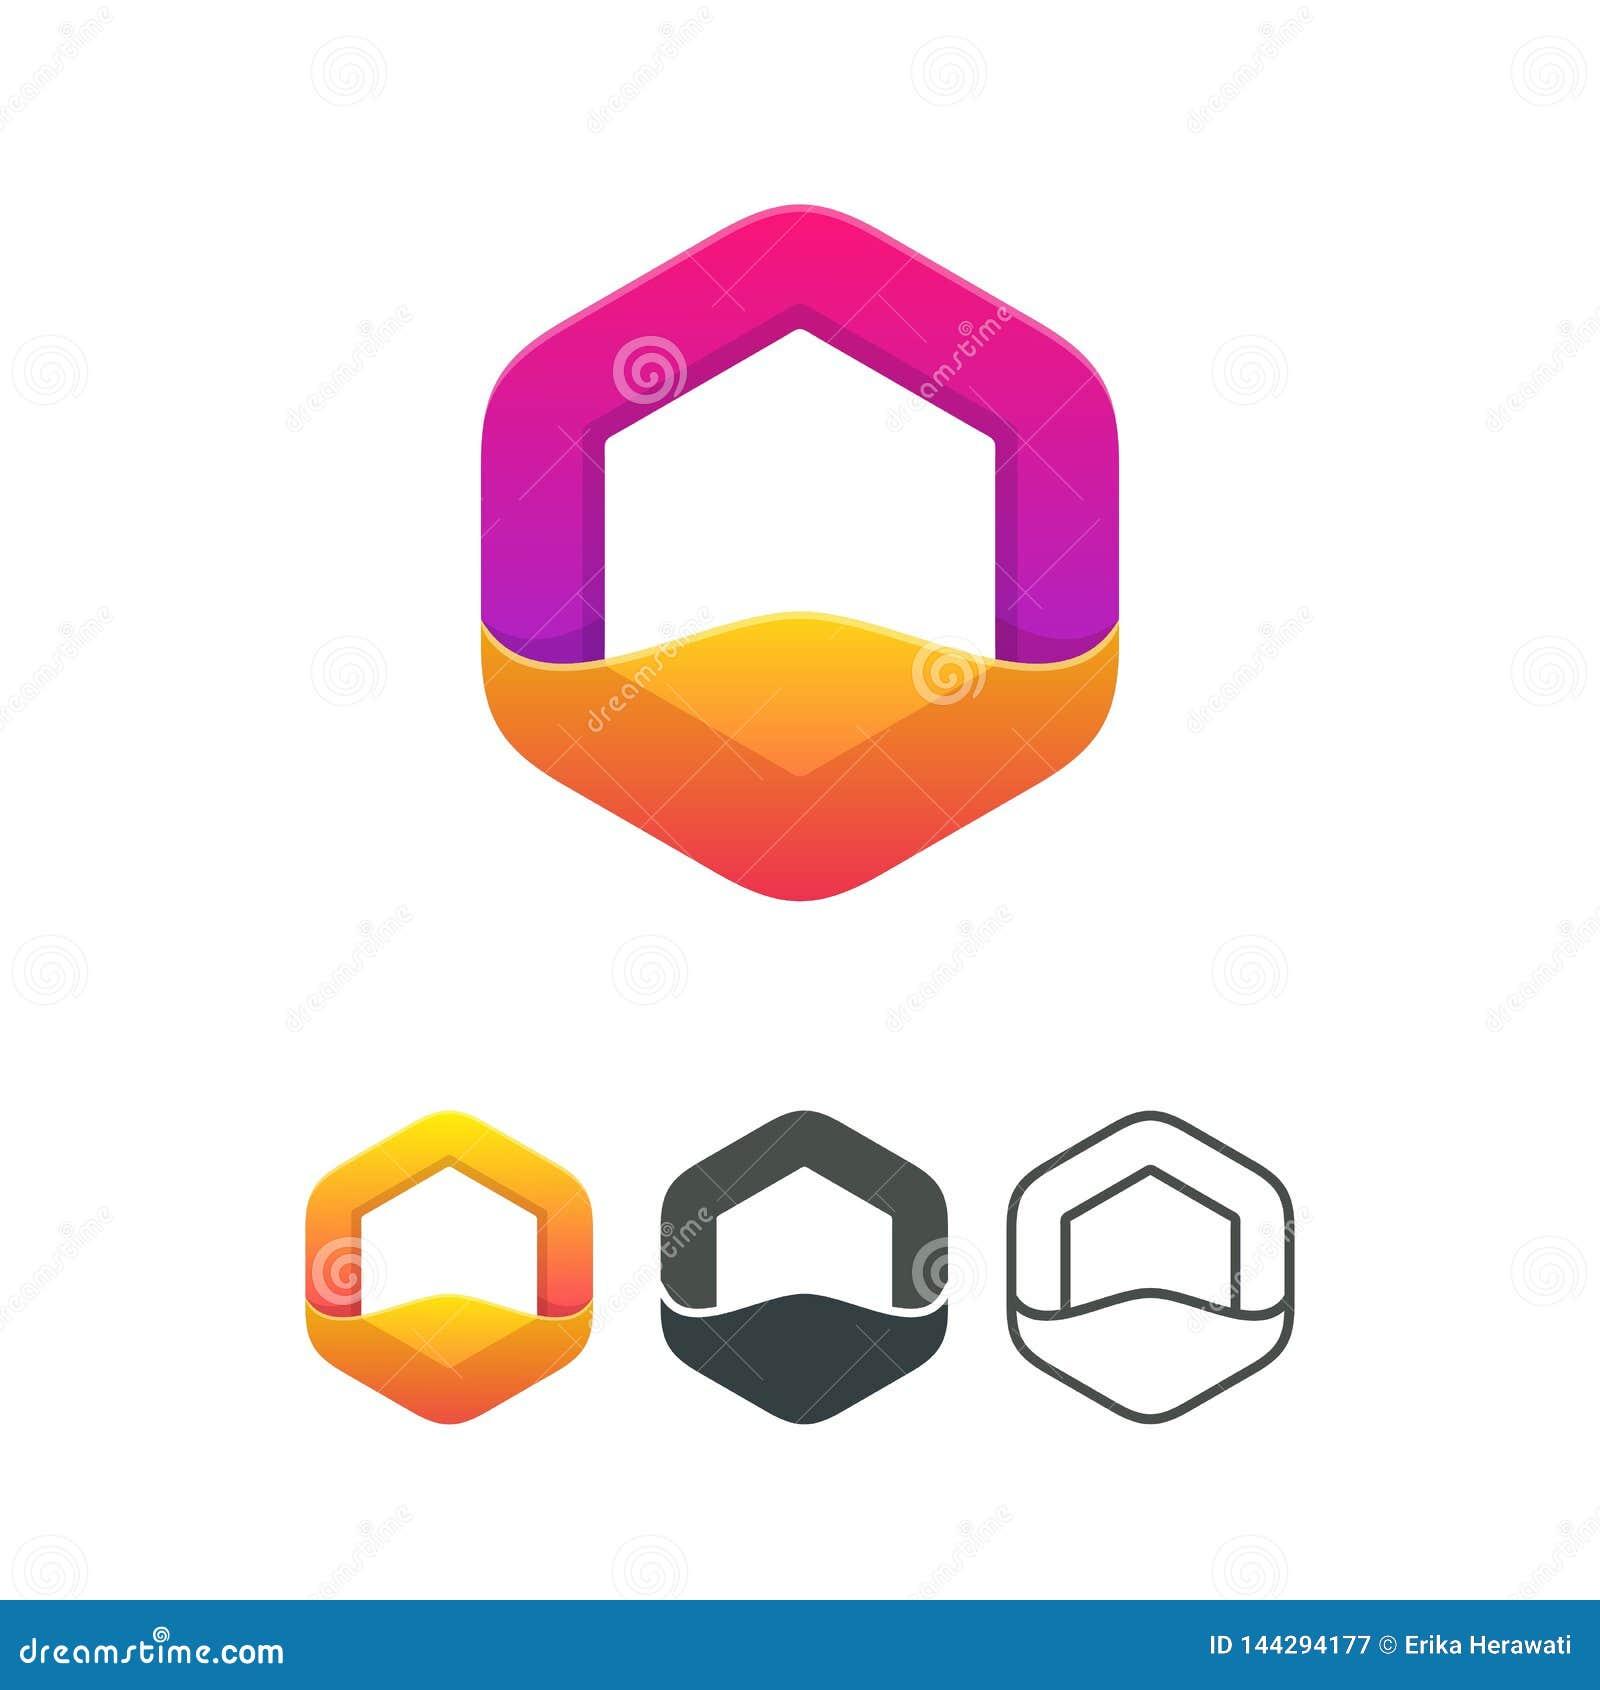 Vektor-Logoelement des Polygons modernes buntes abstraktes